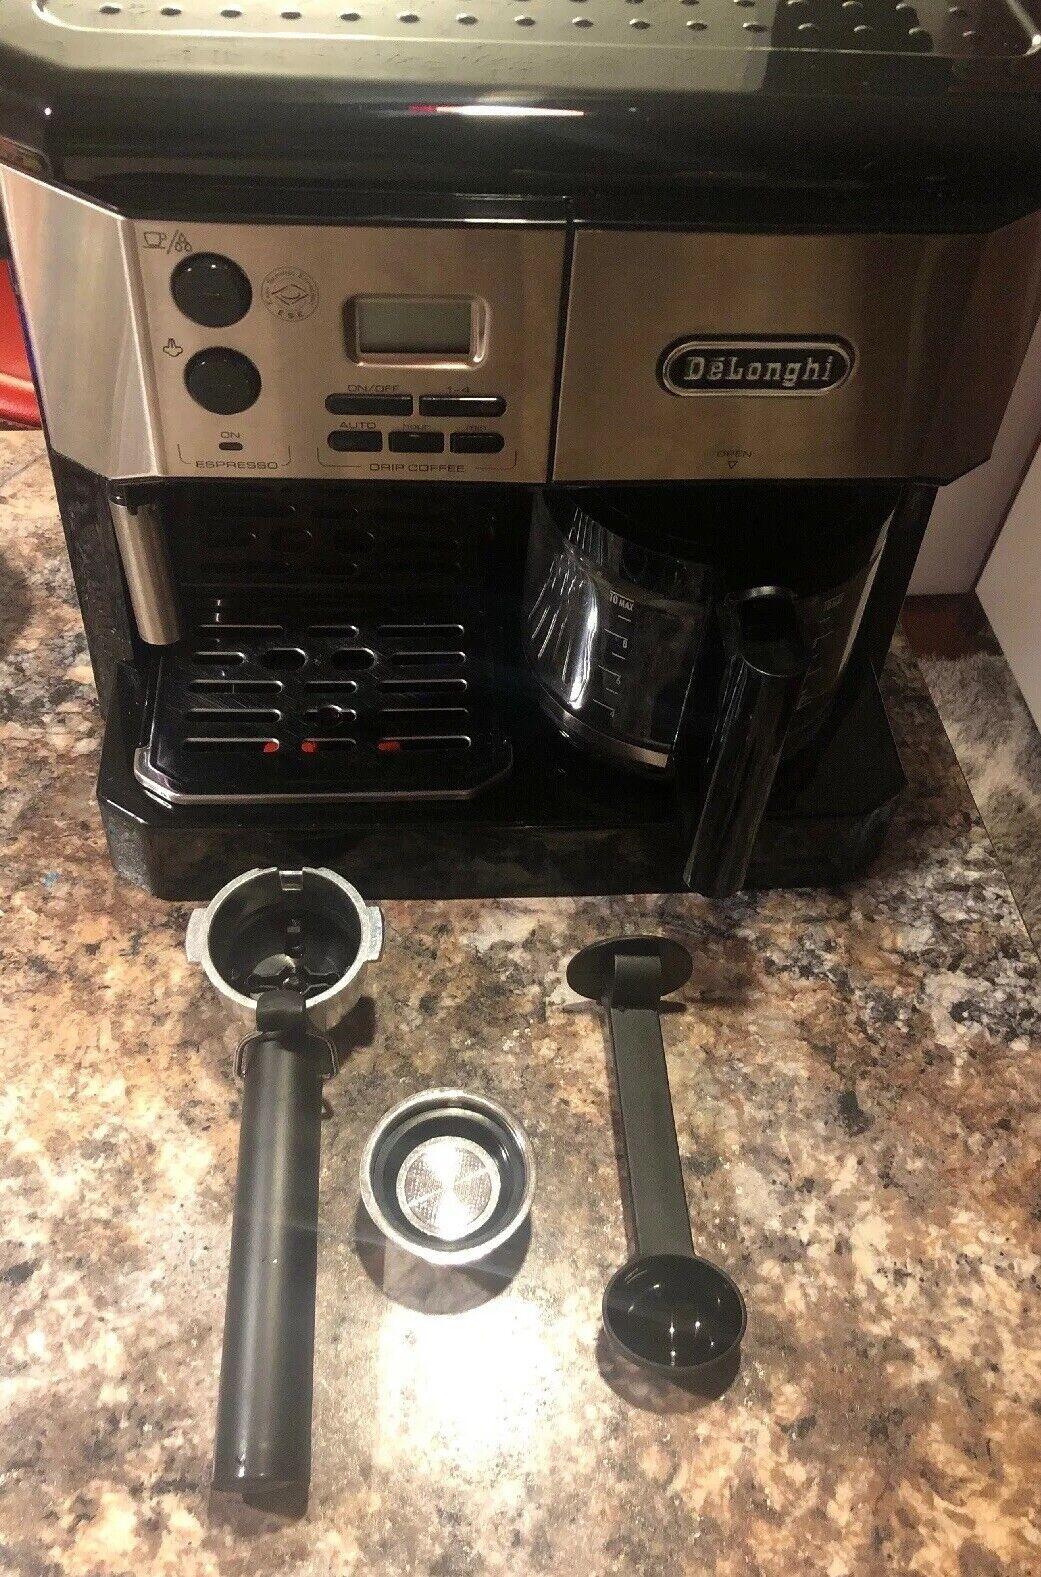 DeLonghi BC0430B Café Center All-in-one Espresso & Coffee Maker, 15 bar, 1500 W